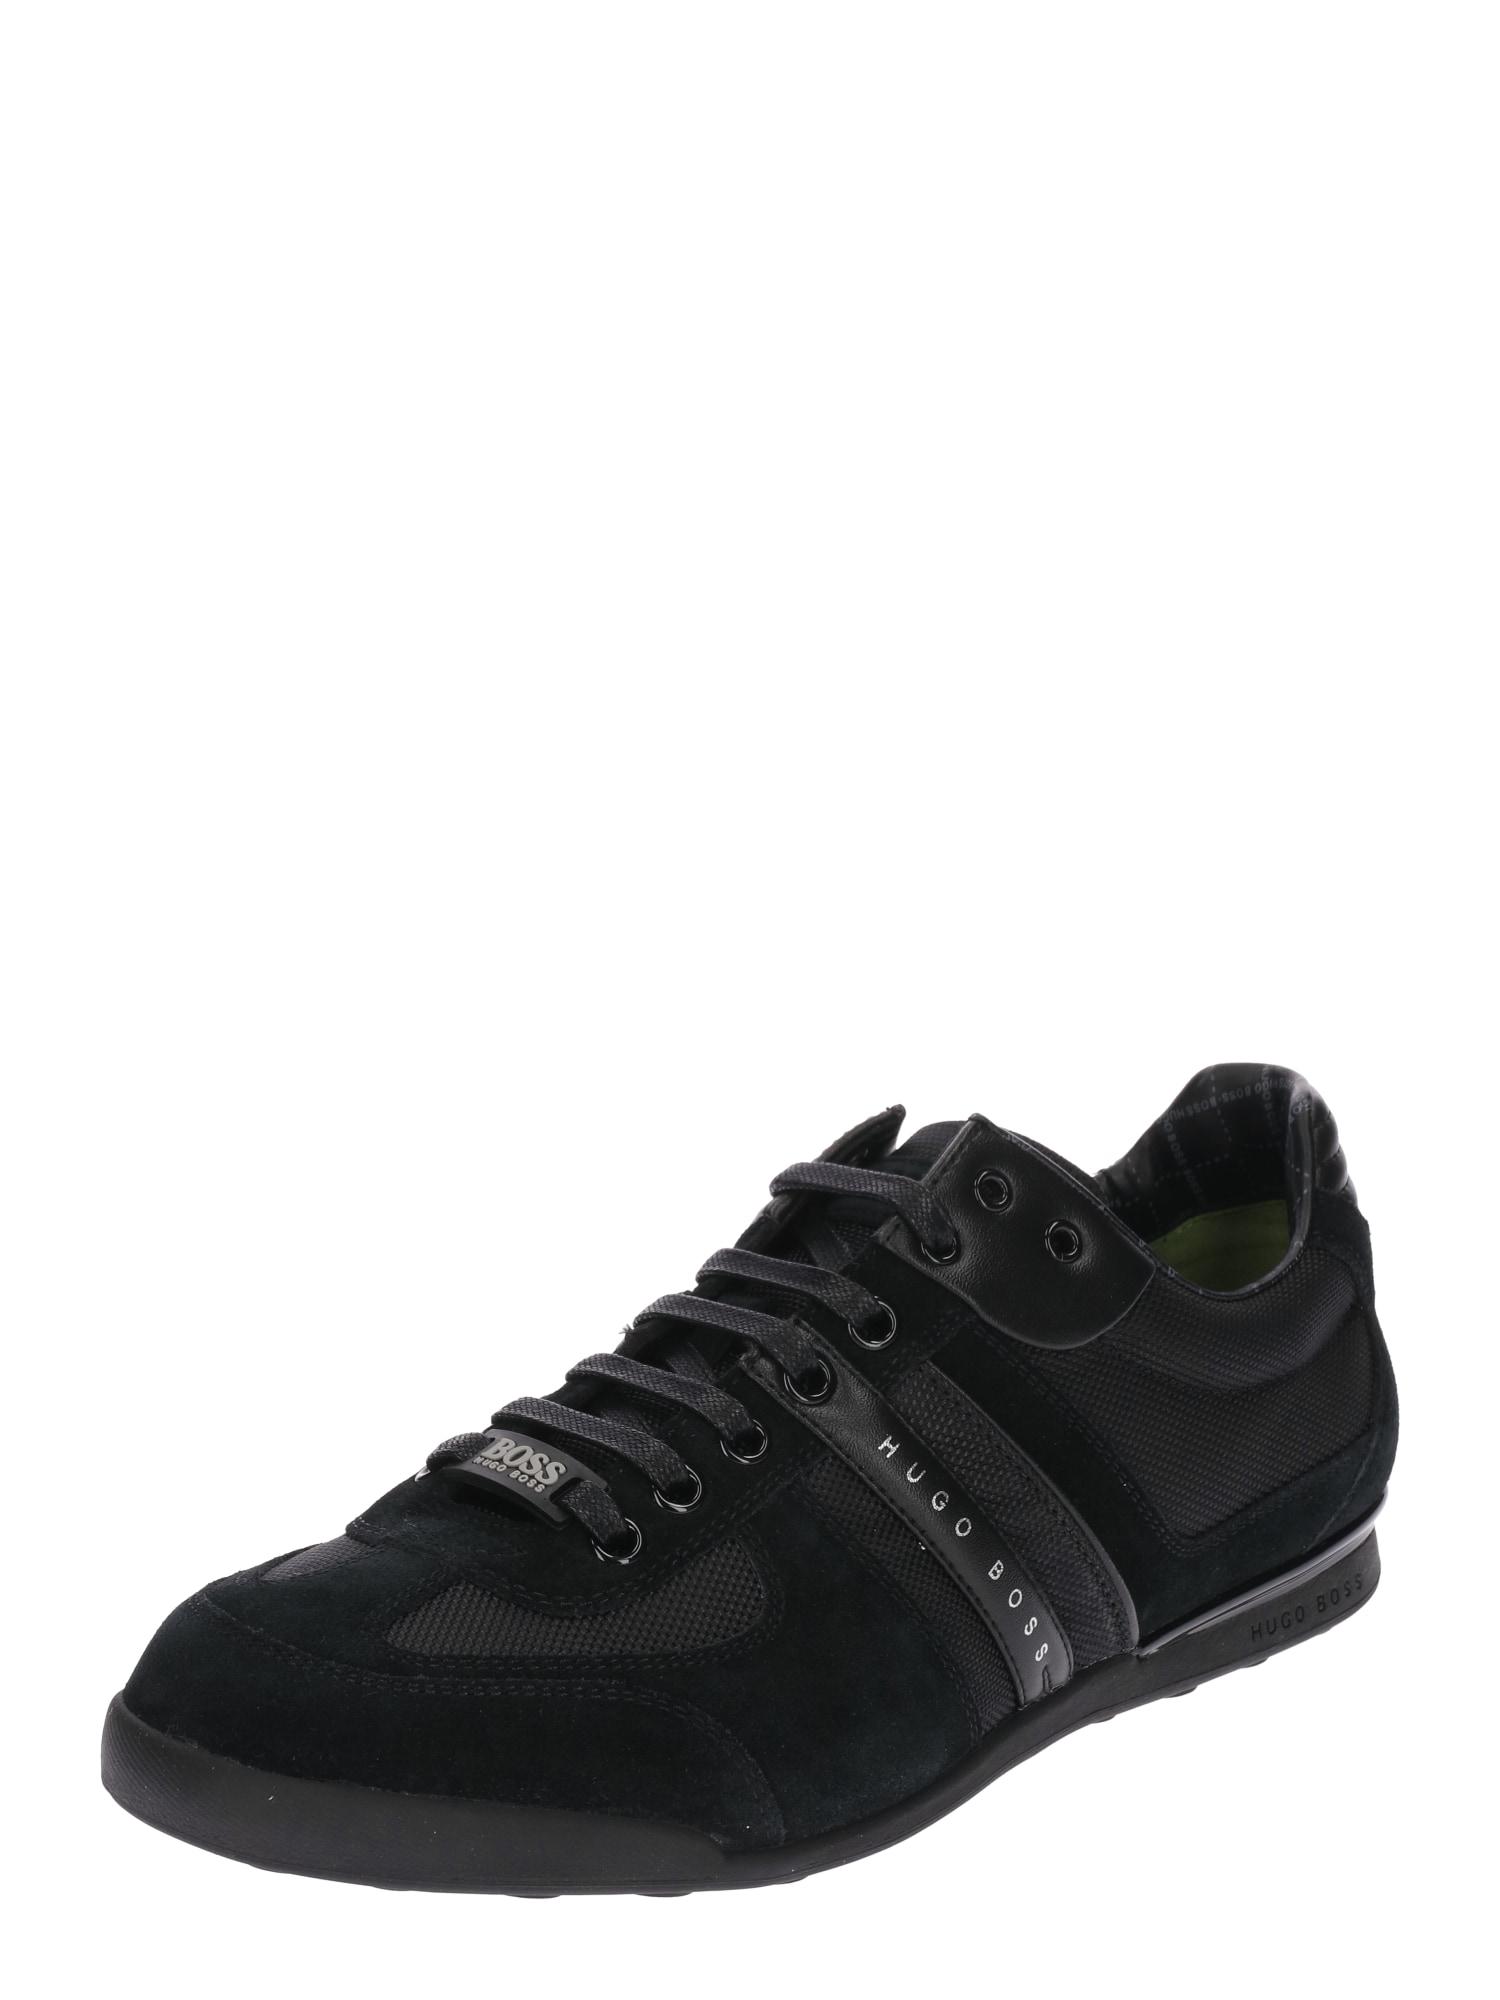 Sportovní šněrovací boty Akeen světle šedá černá BOSS